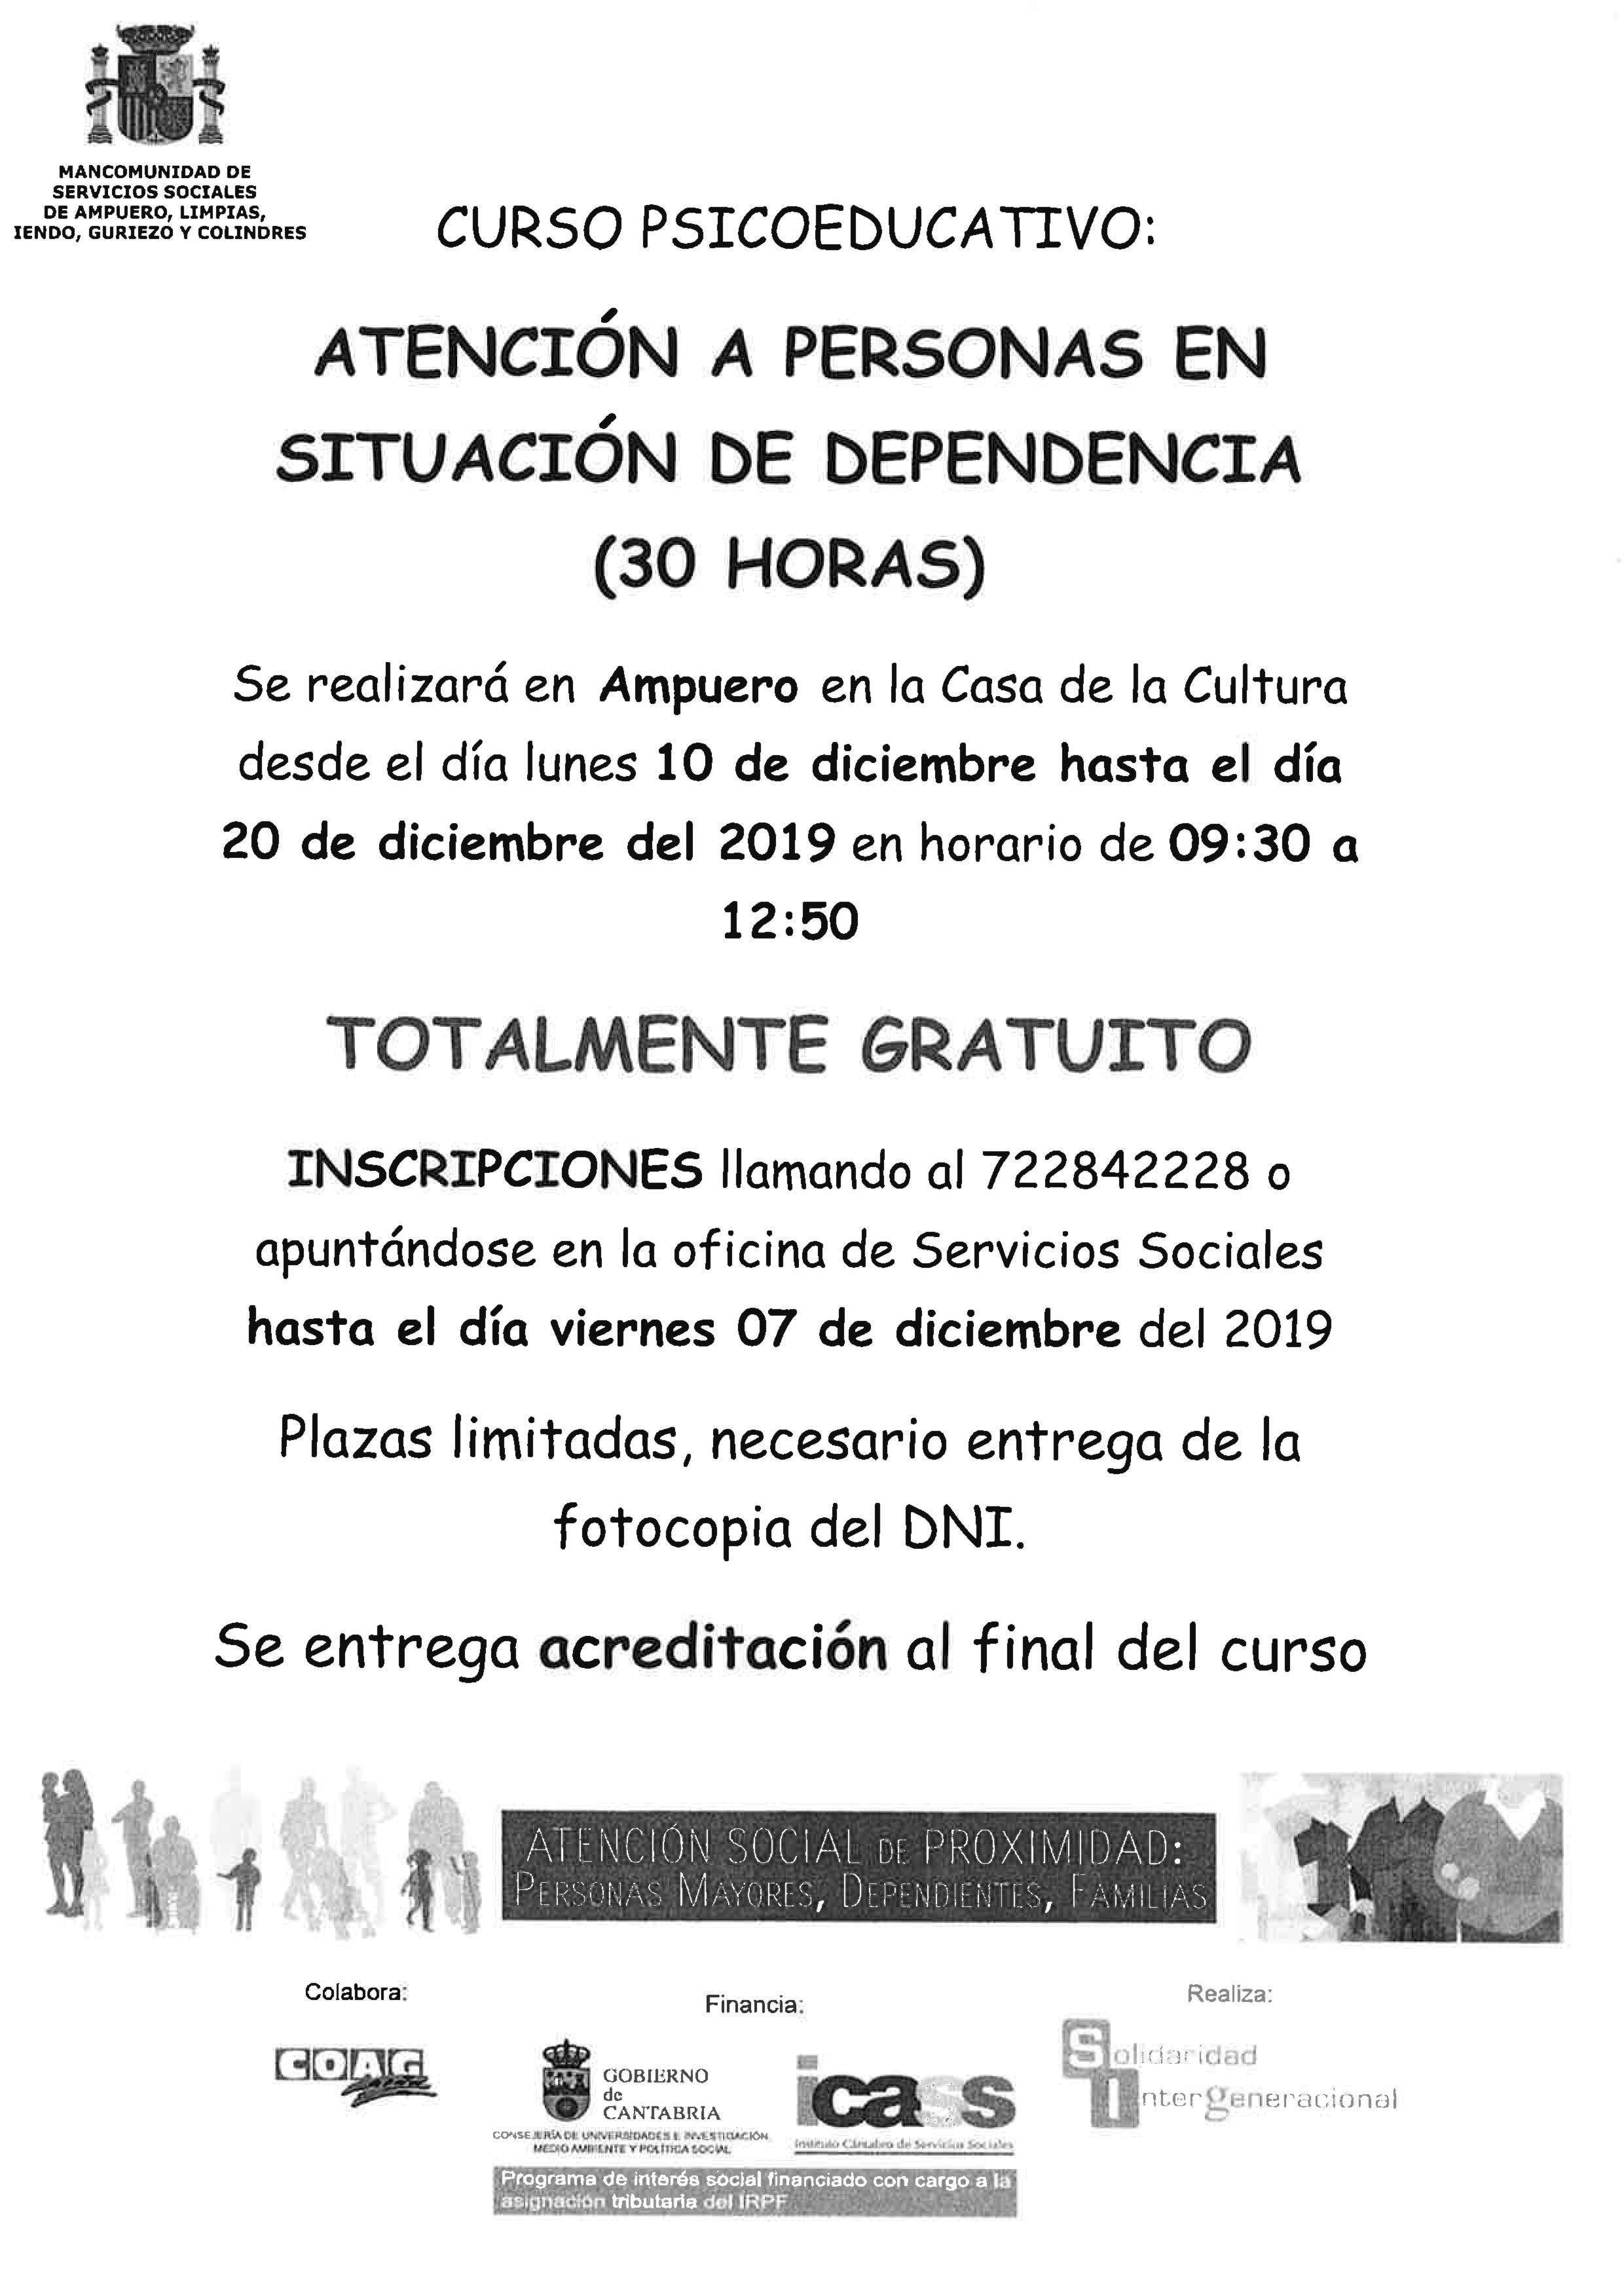 CURSO PSICOEDUCATIVO EN LA CASA DE CULTURA